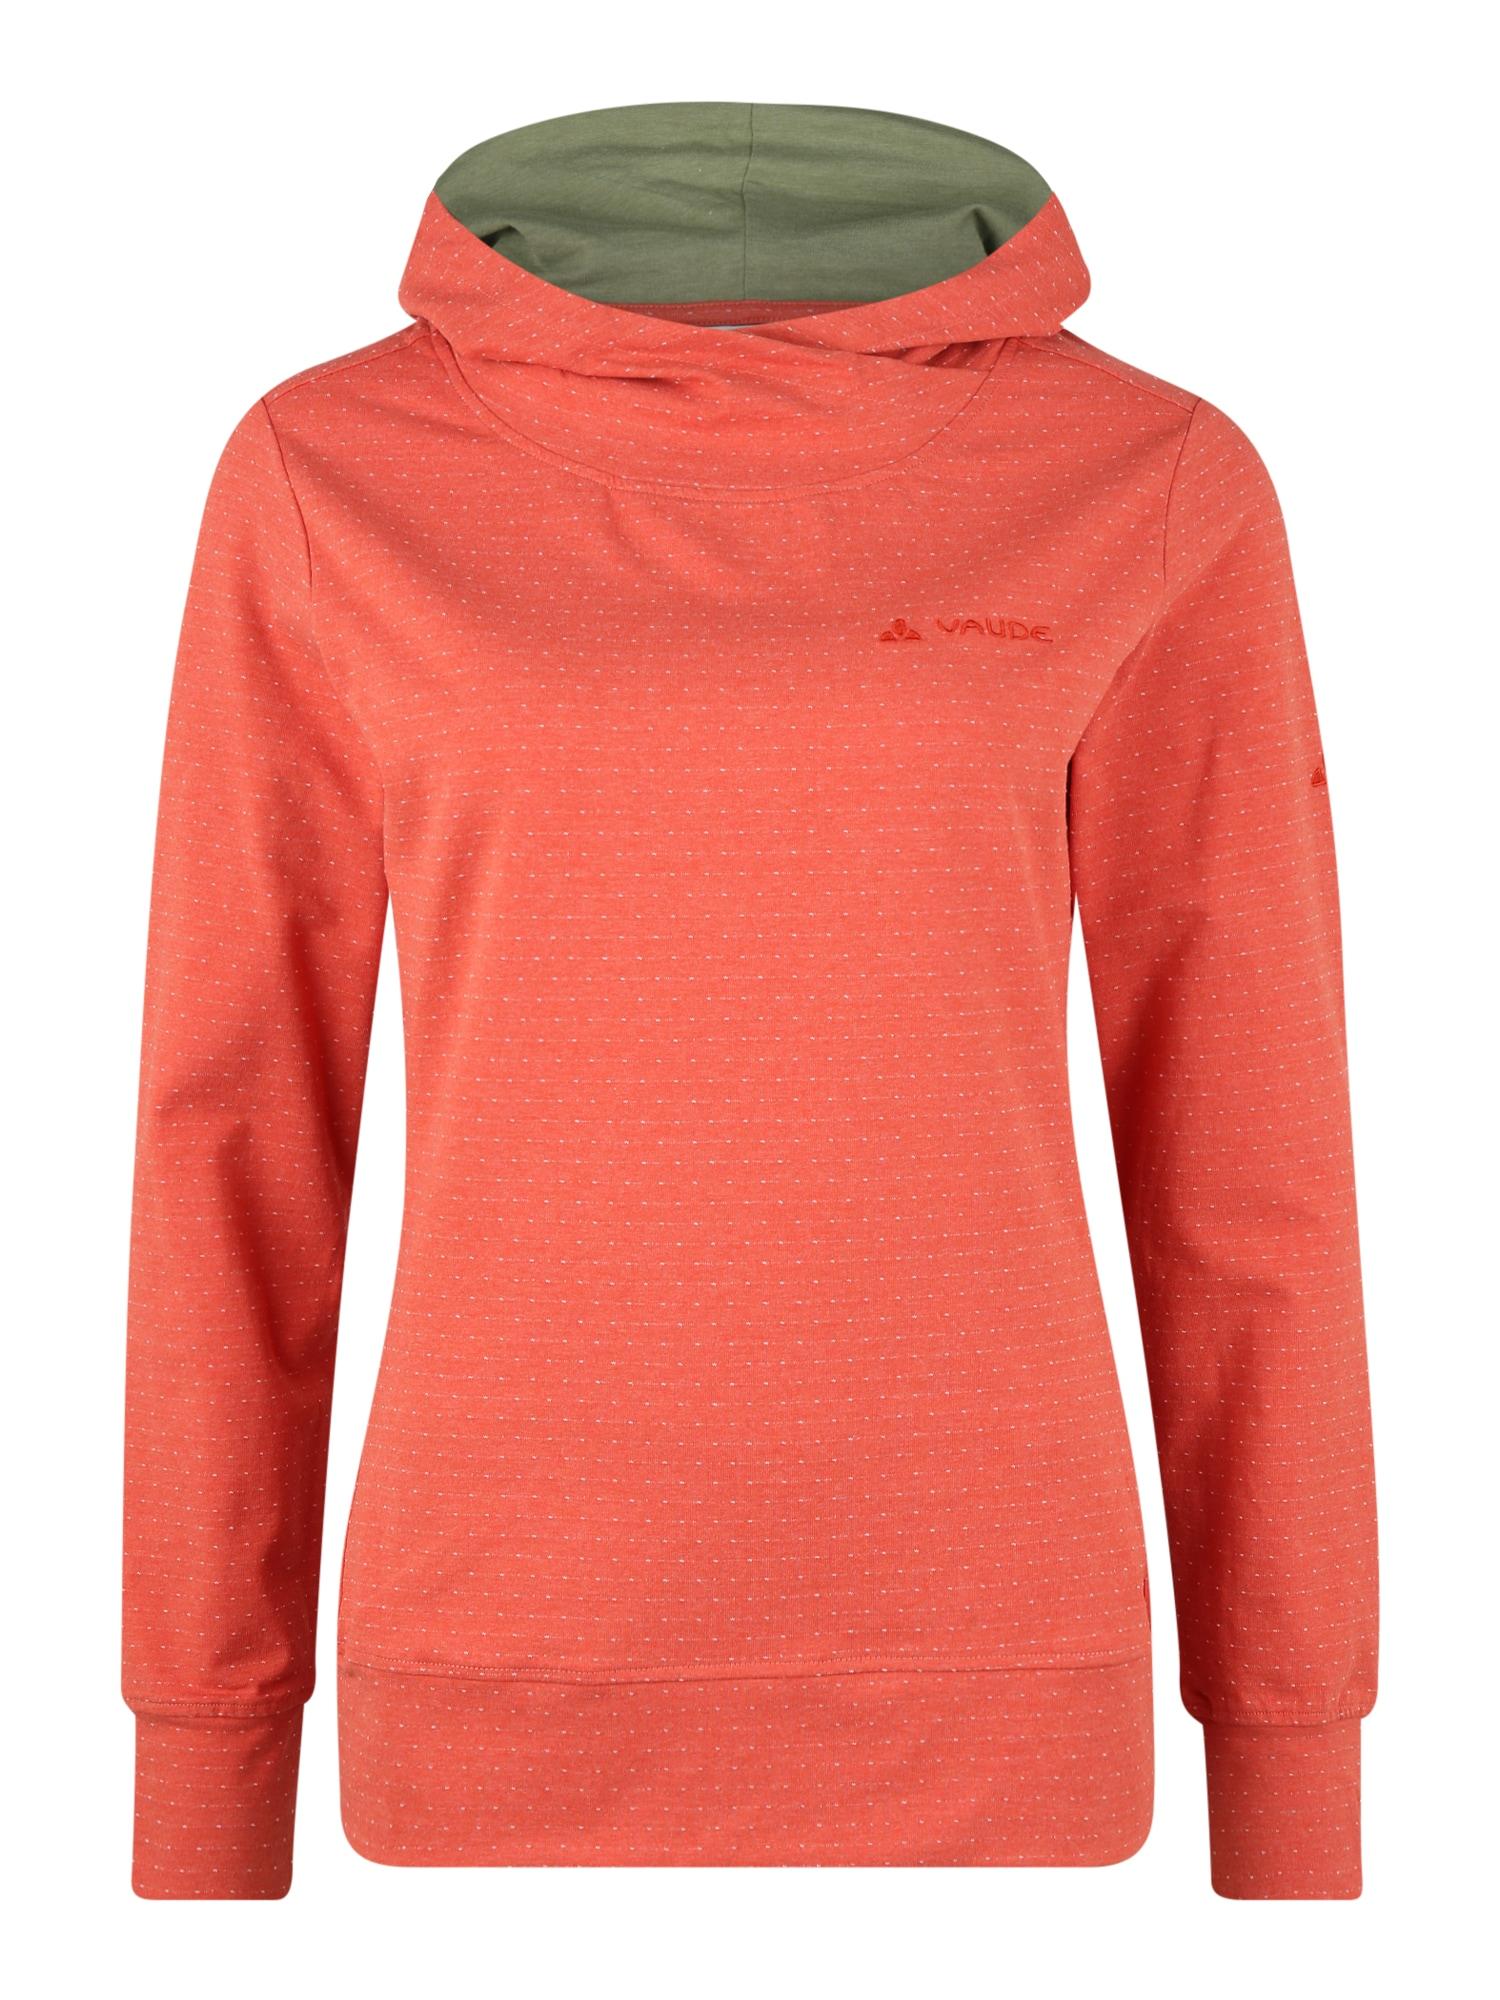 VAUDE Sportinio tipo megztinis 'Tuenno' šviesiai raudona / raudona